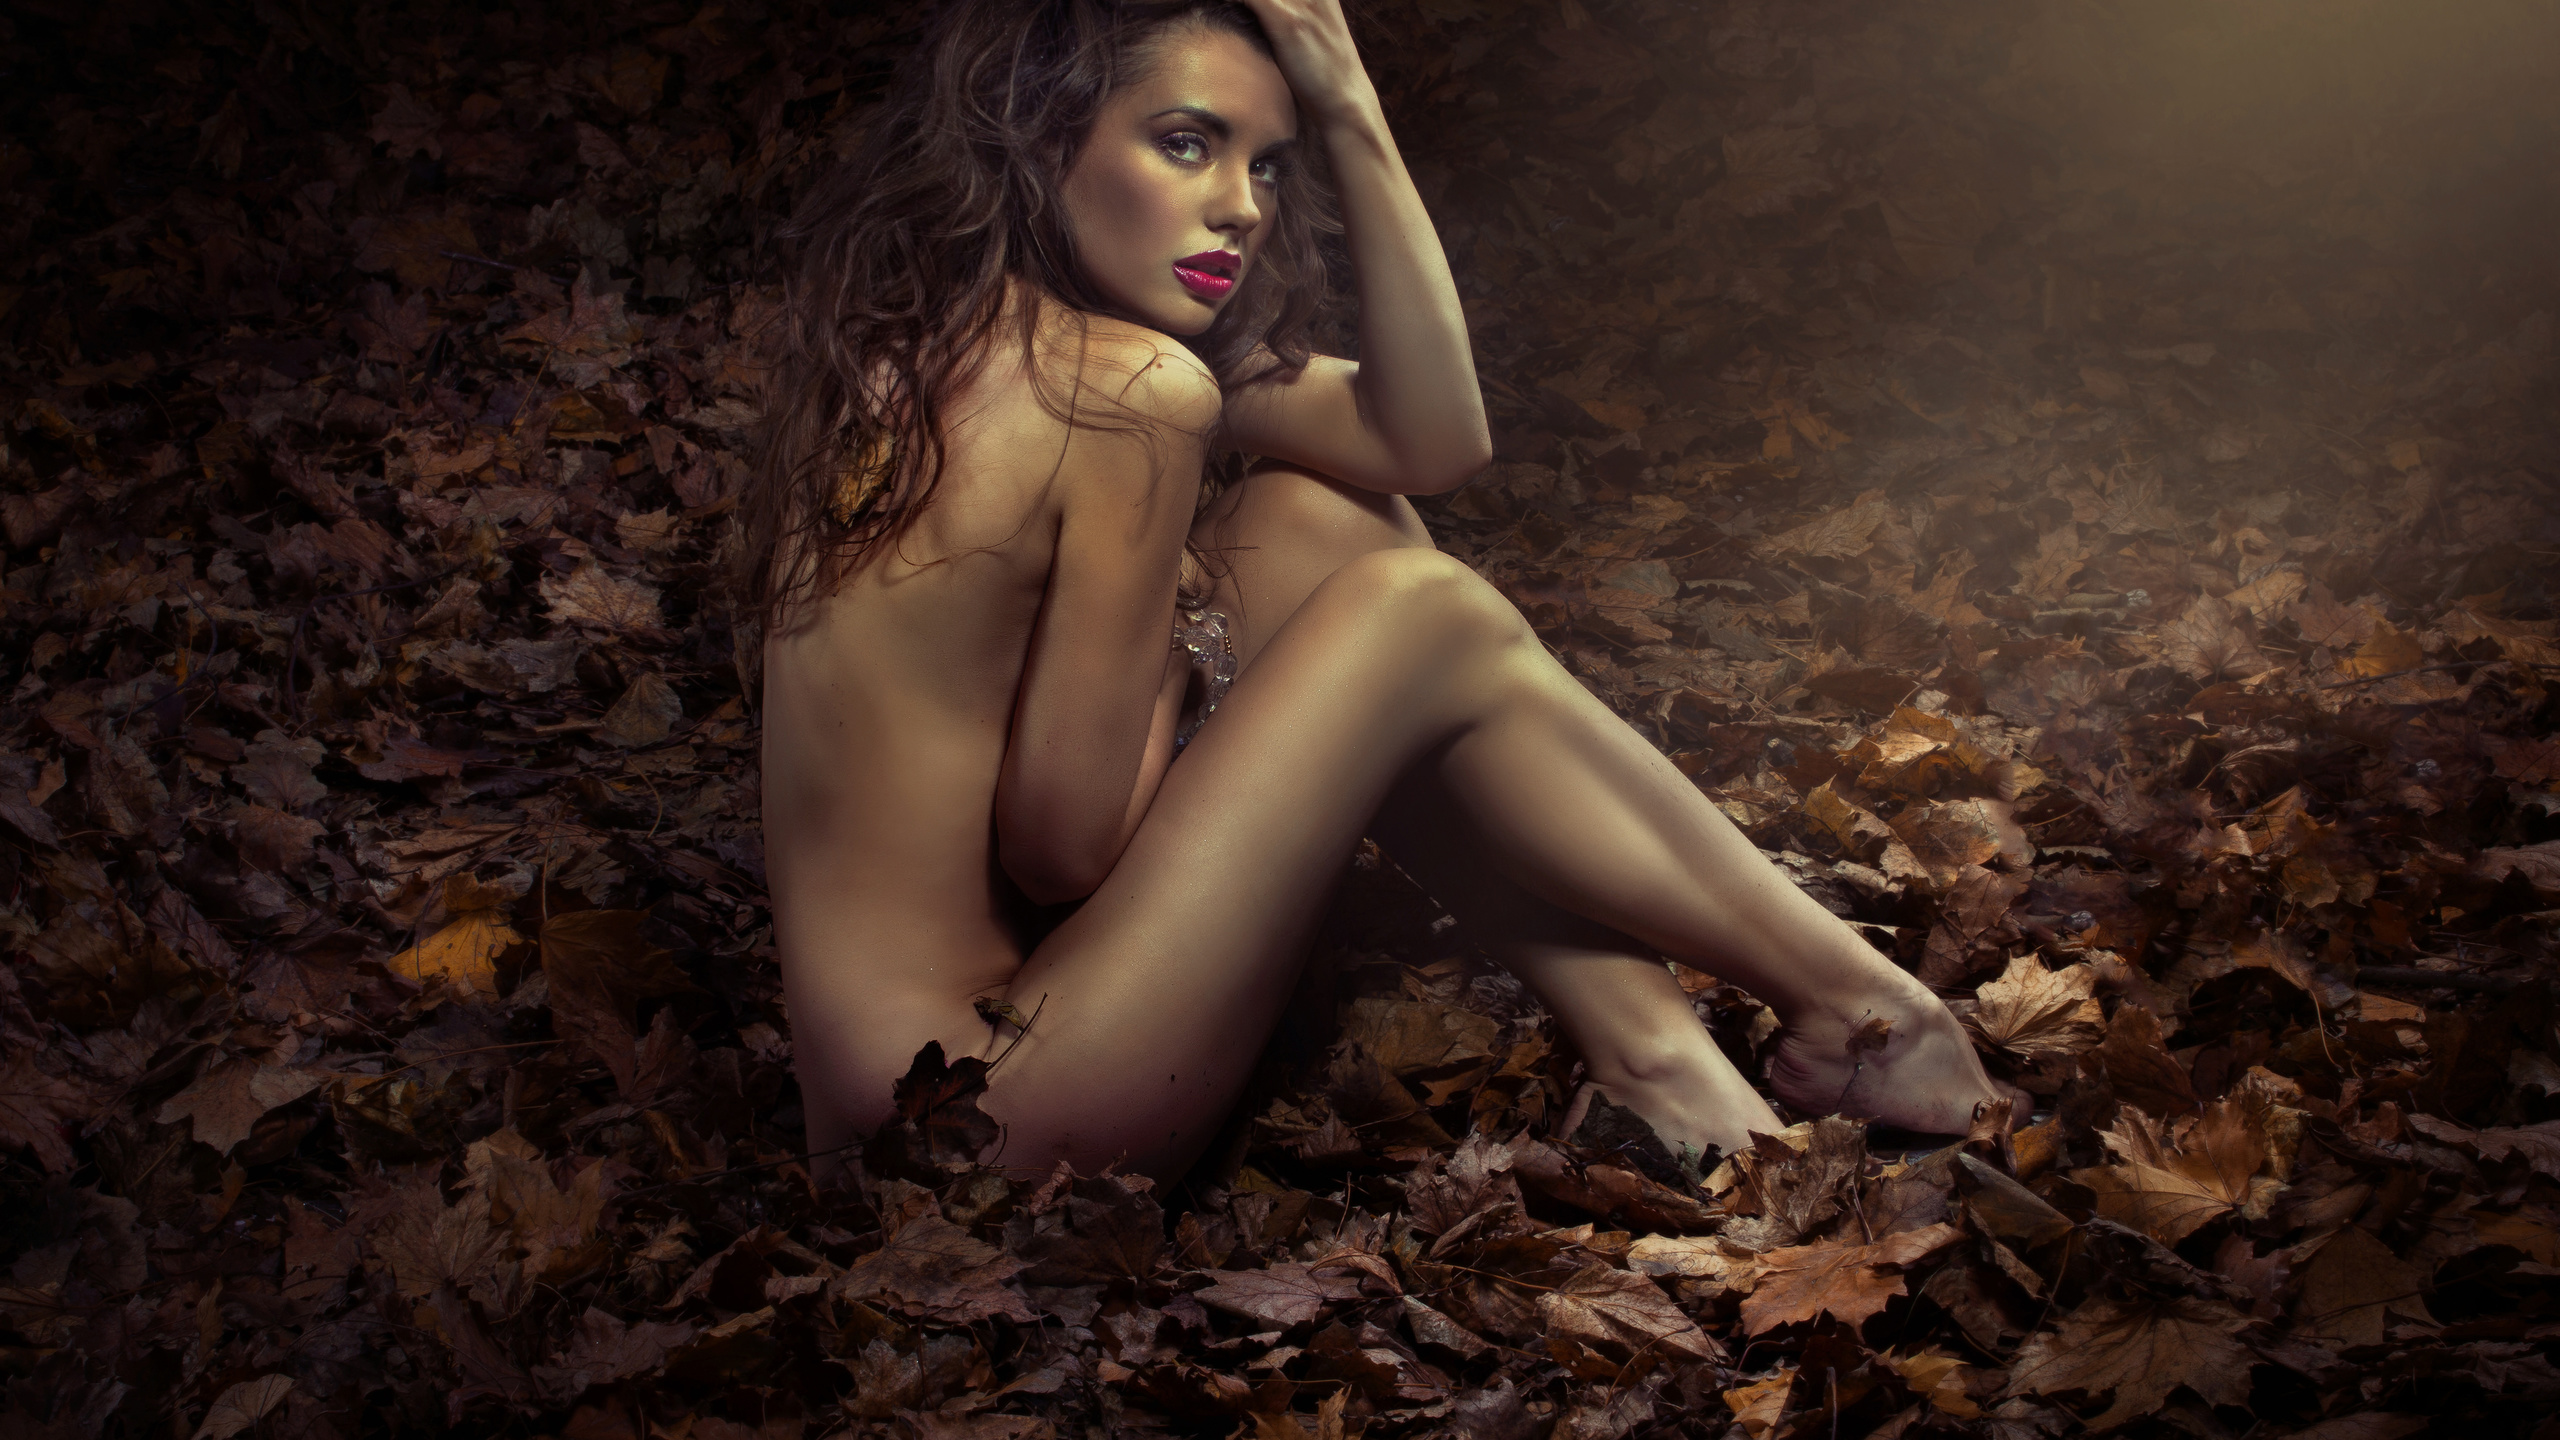 девушка, шатенка, позирует, осень, фото, креатив